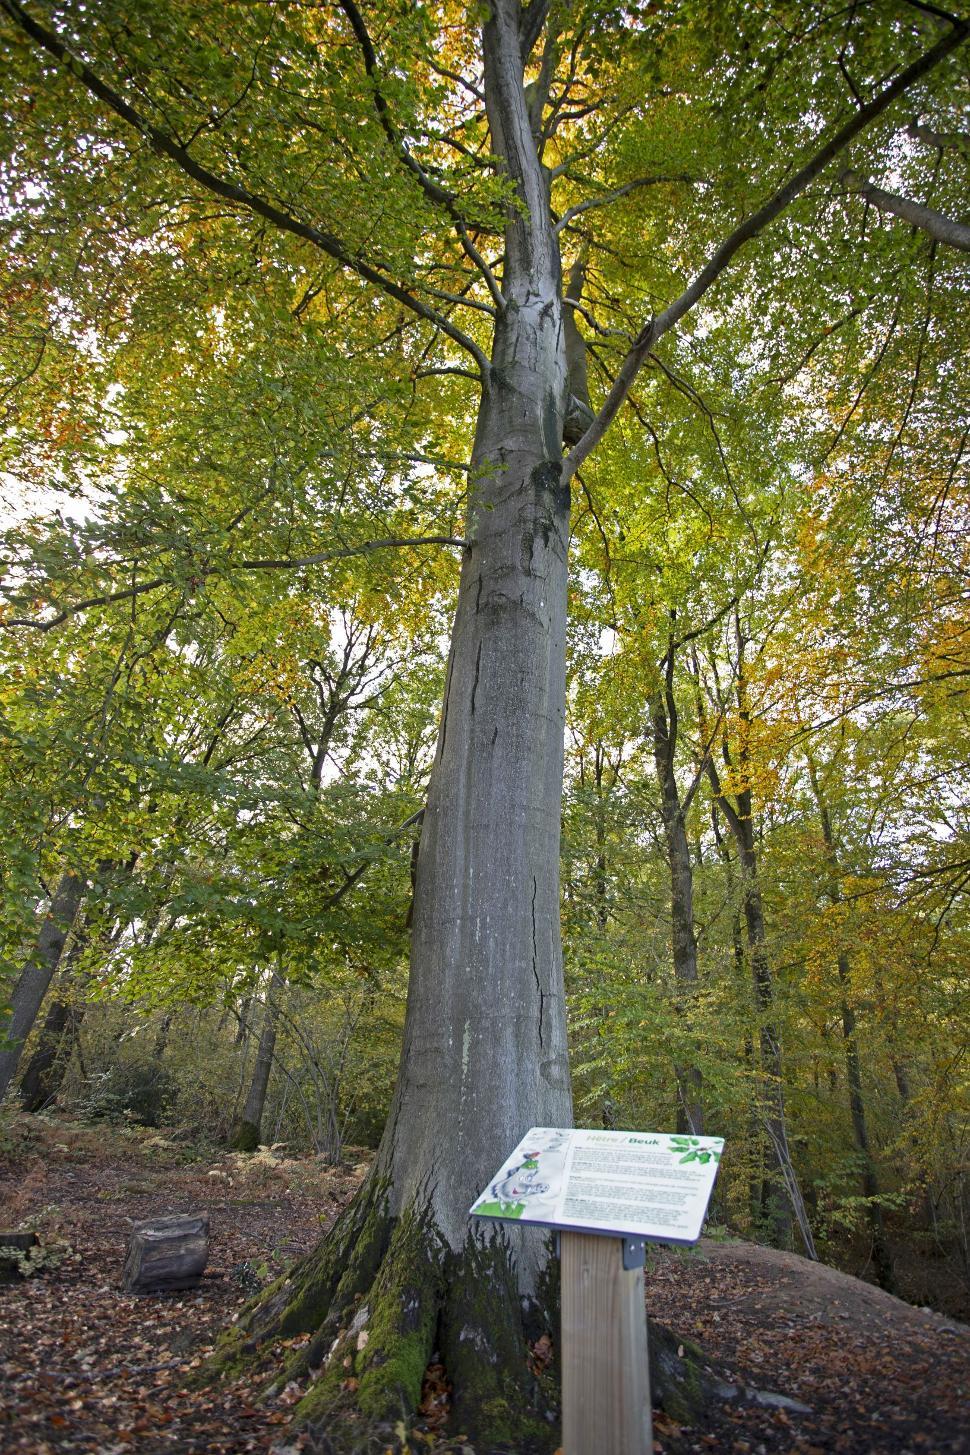 Panneau arboretum bois did Courrière 2020 - D. Steenhaut - light